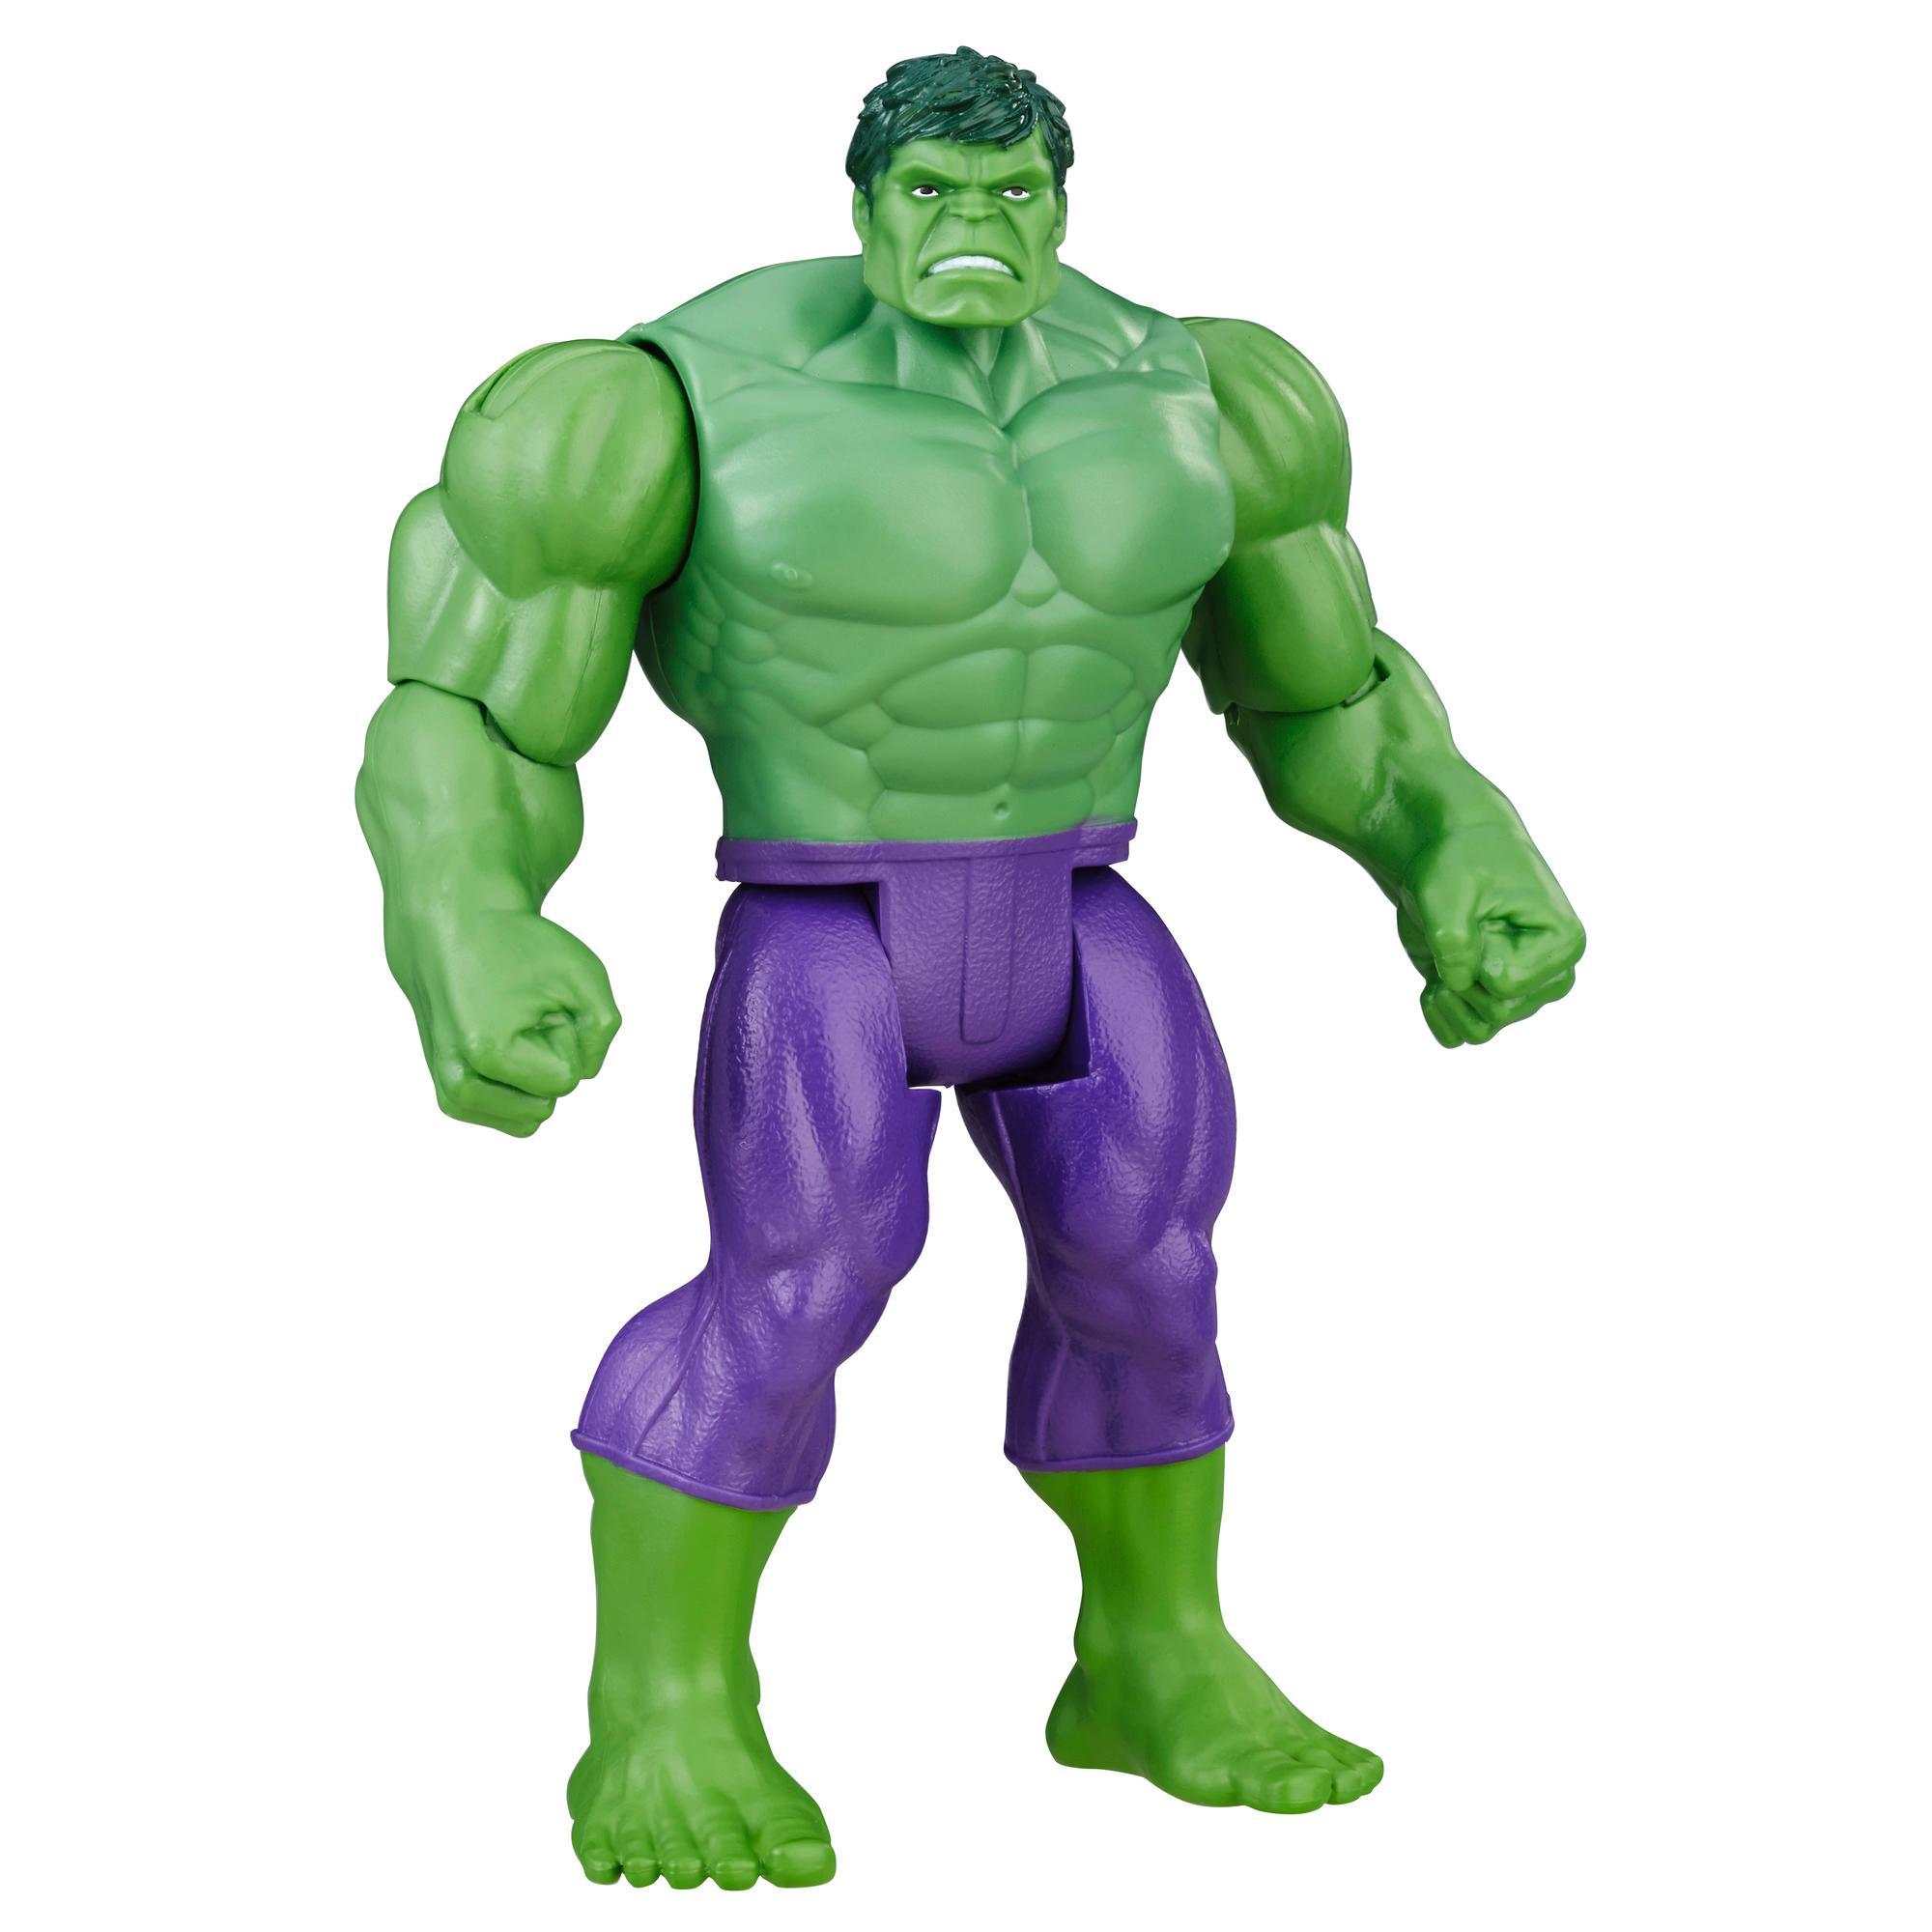 marvel avengers hulk 6 in basic action figure